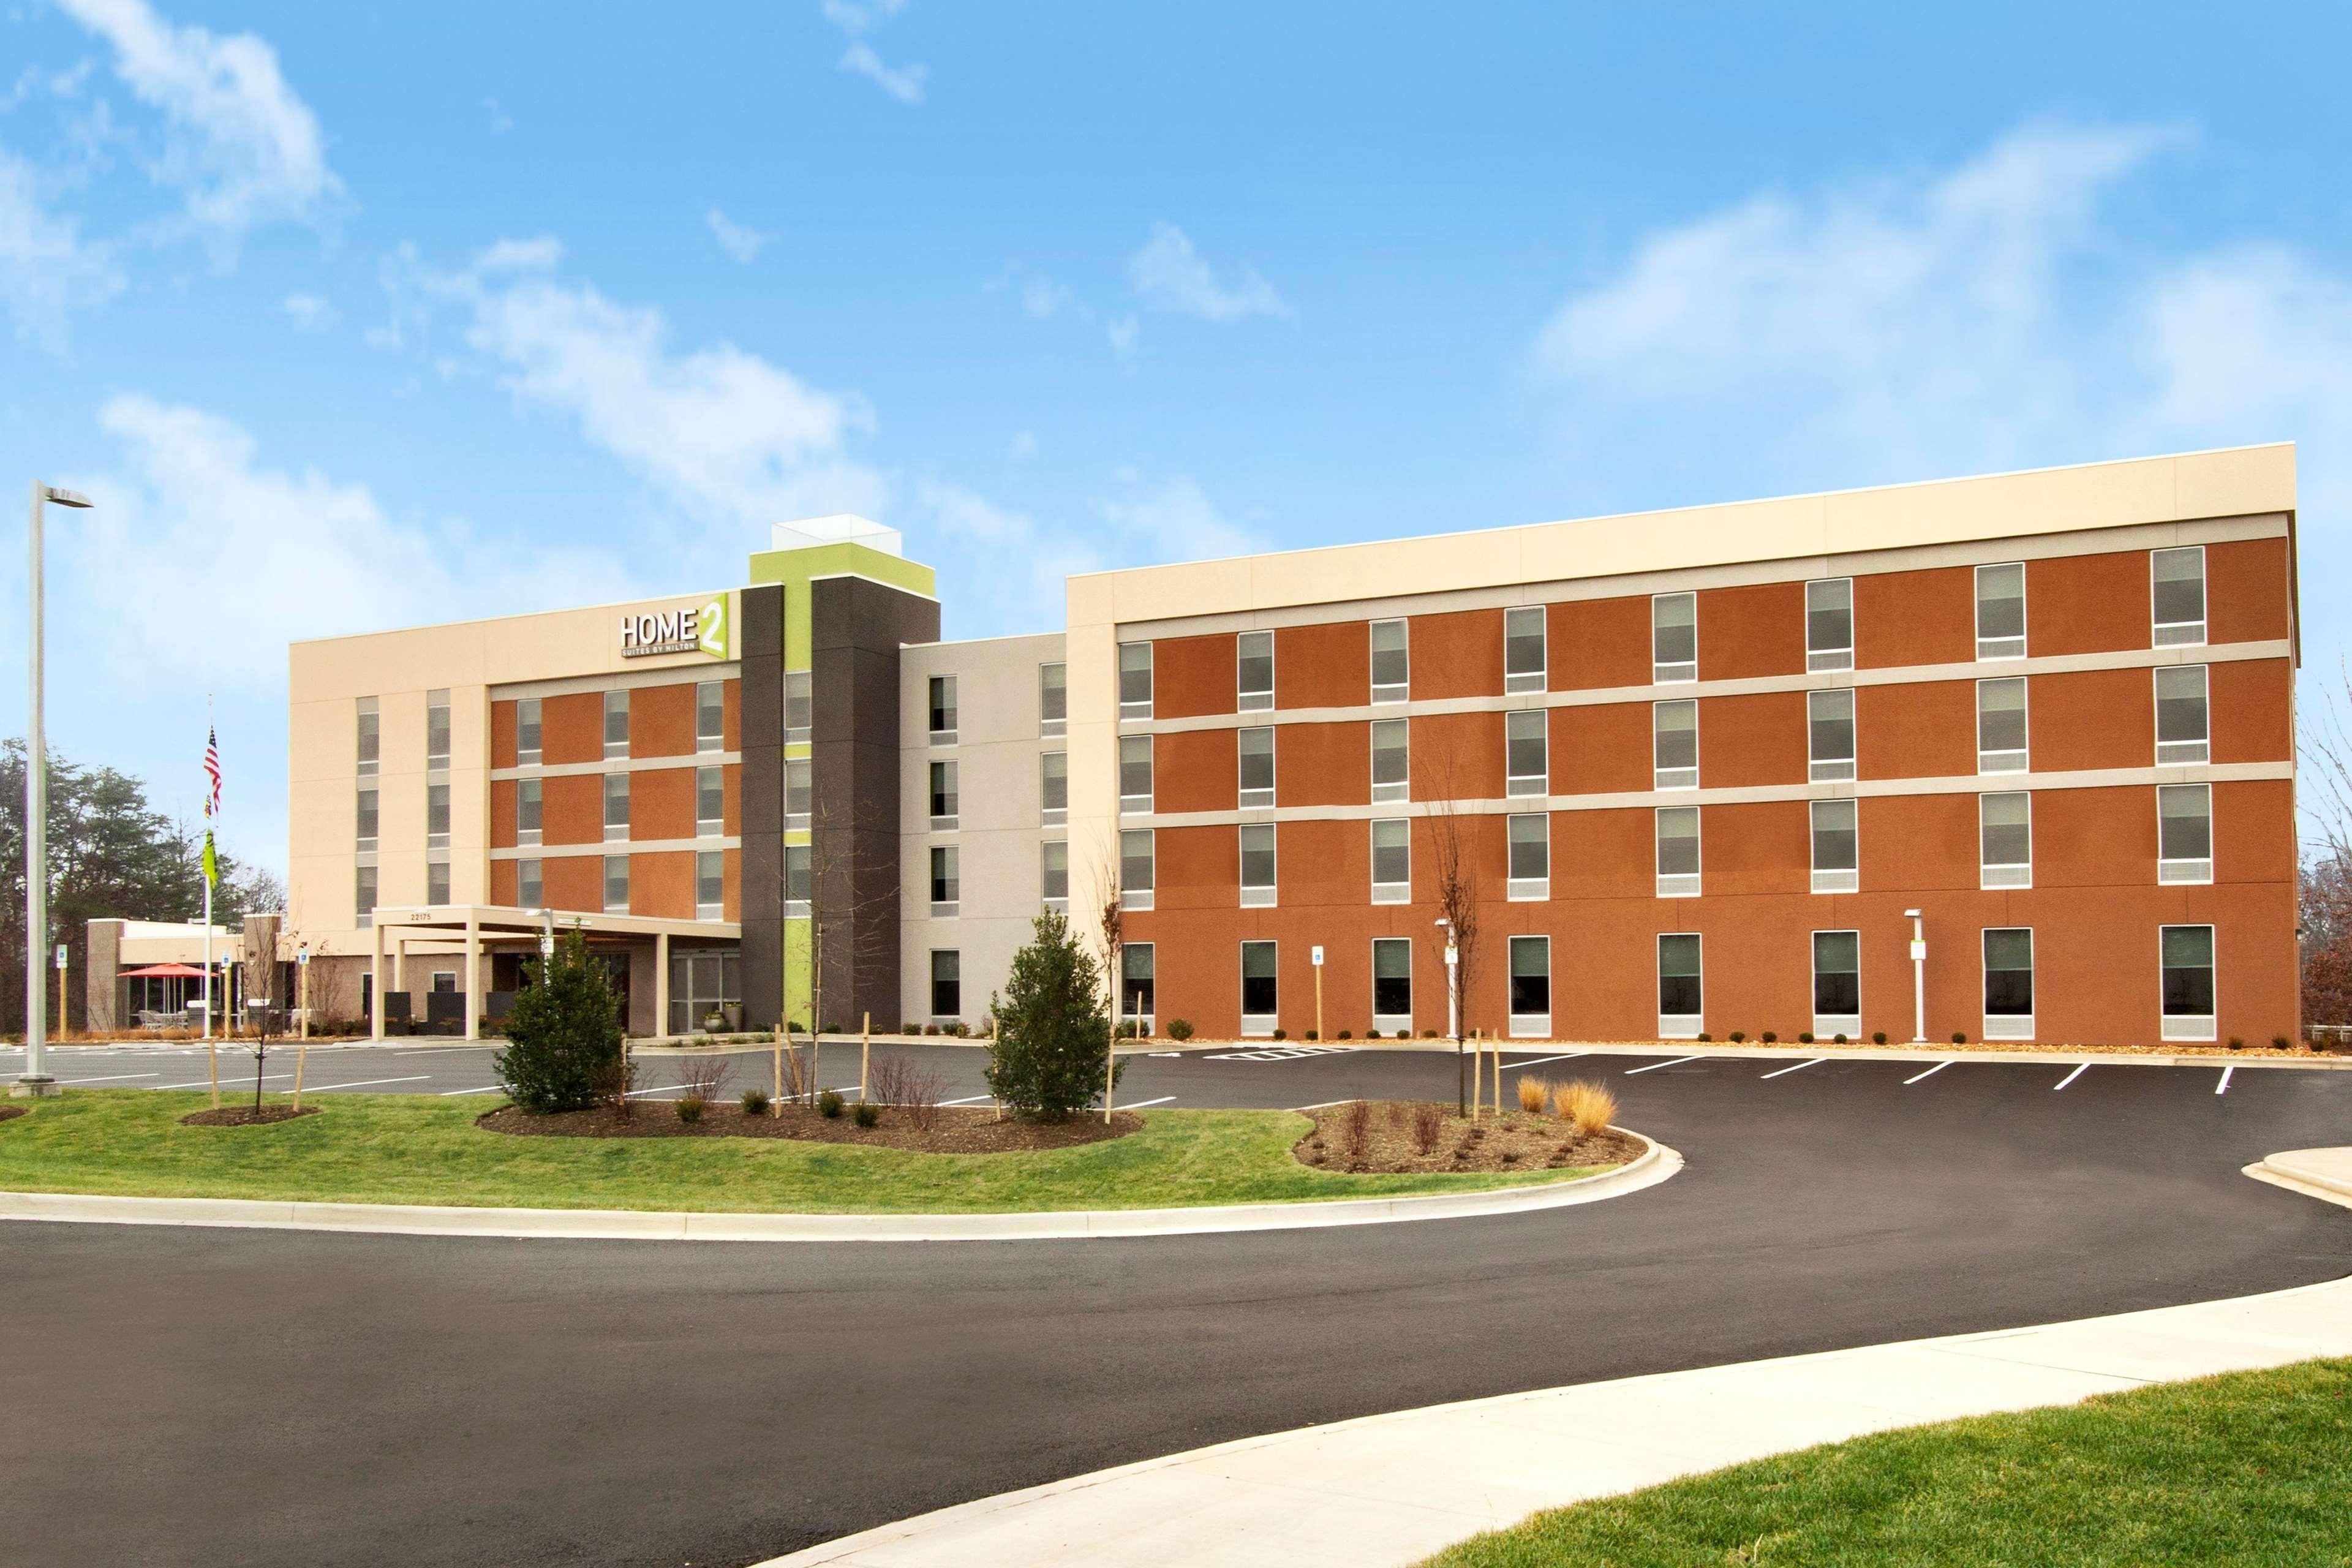 Home2 Suites by Hilton Lexington Park Patuxent River NAS, MD image 14